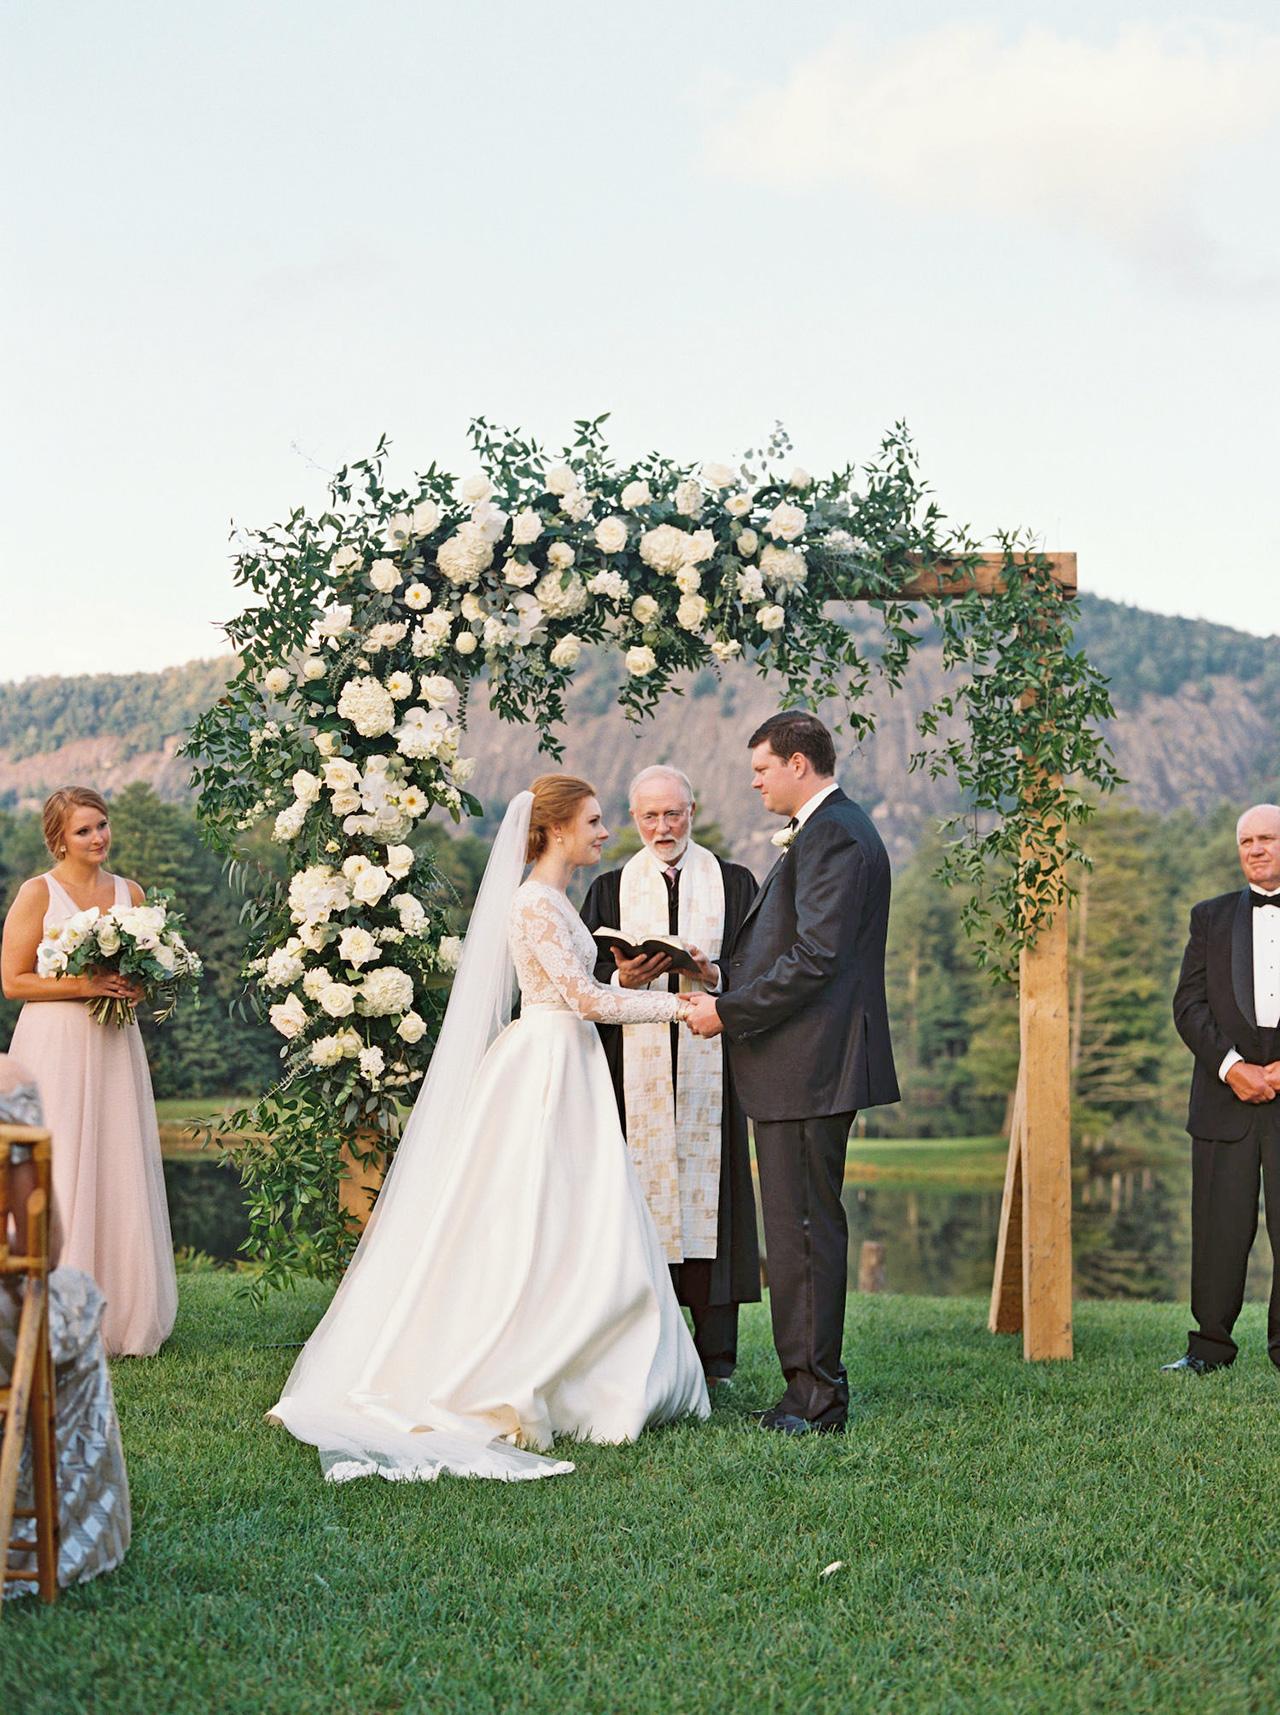 kathleen henry wedding officiant